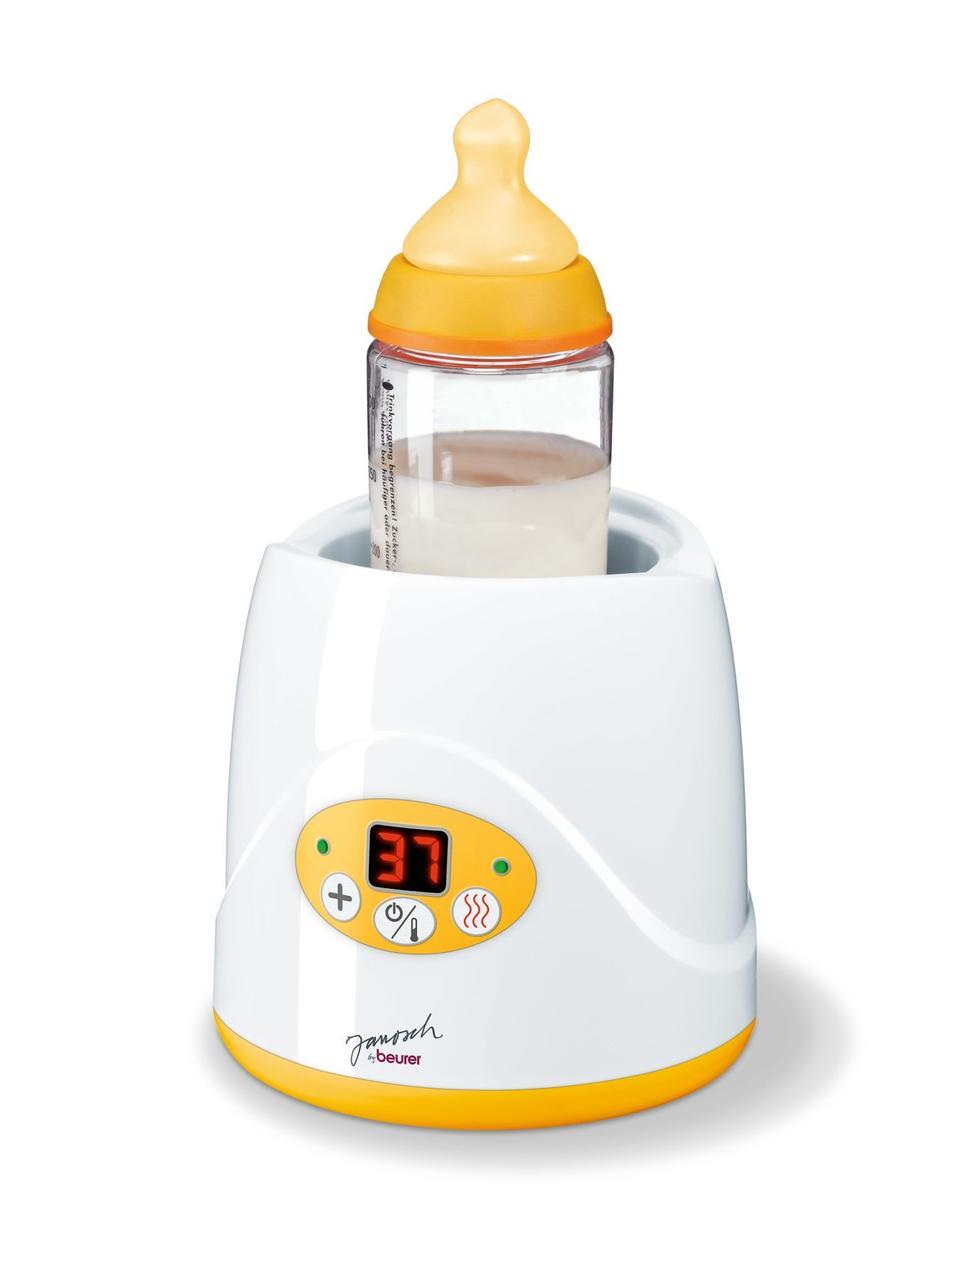 Подогреватель для детского питания 2 в 1: разогрев и поддержание необходимой температуры Вeurer JBY 52